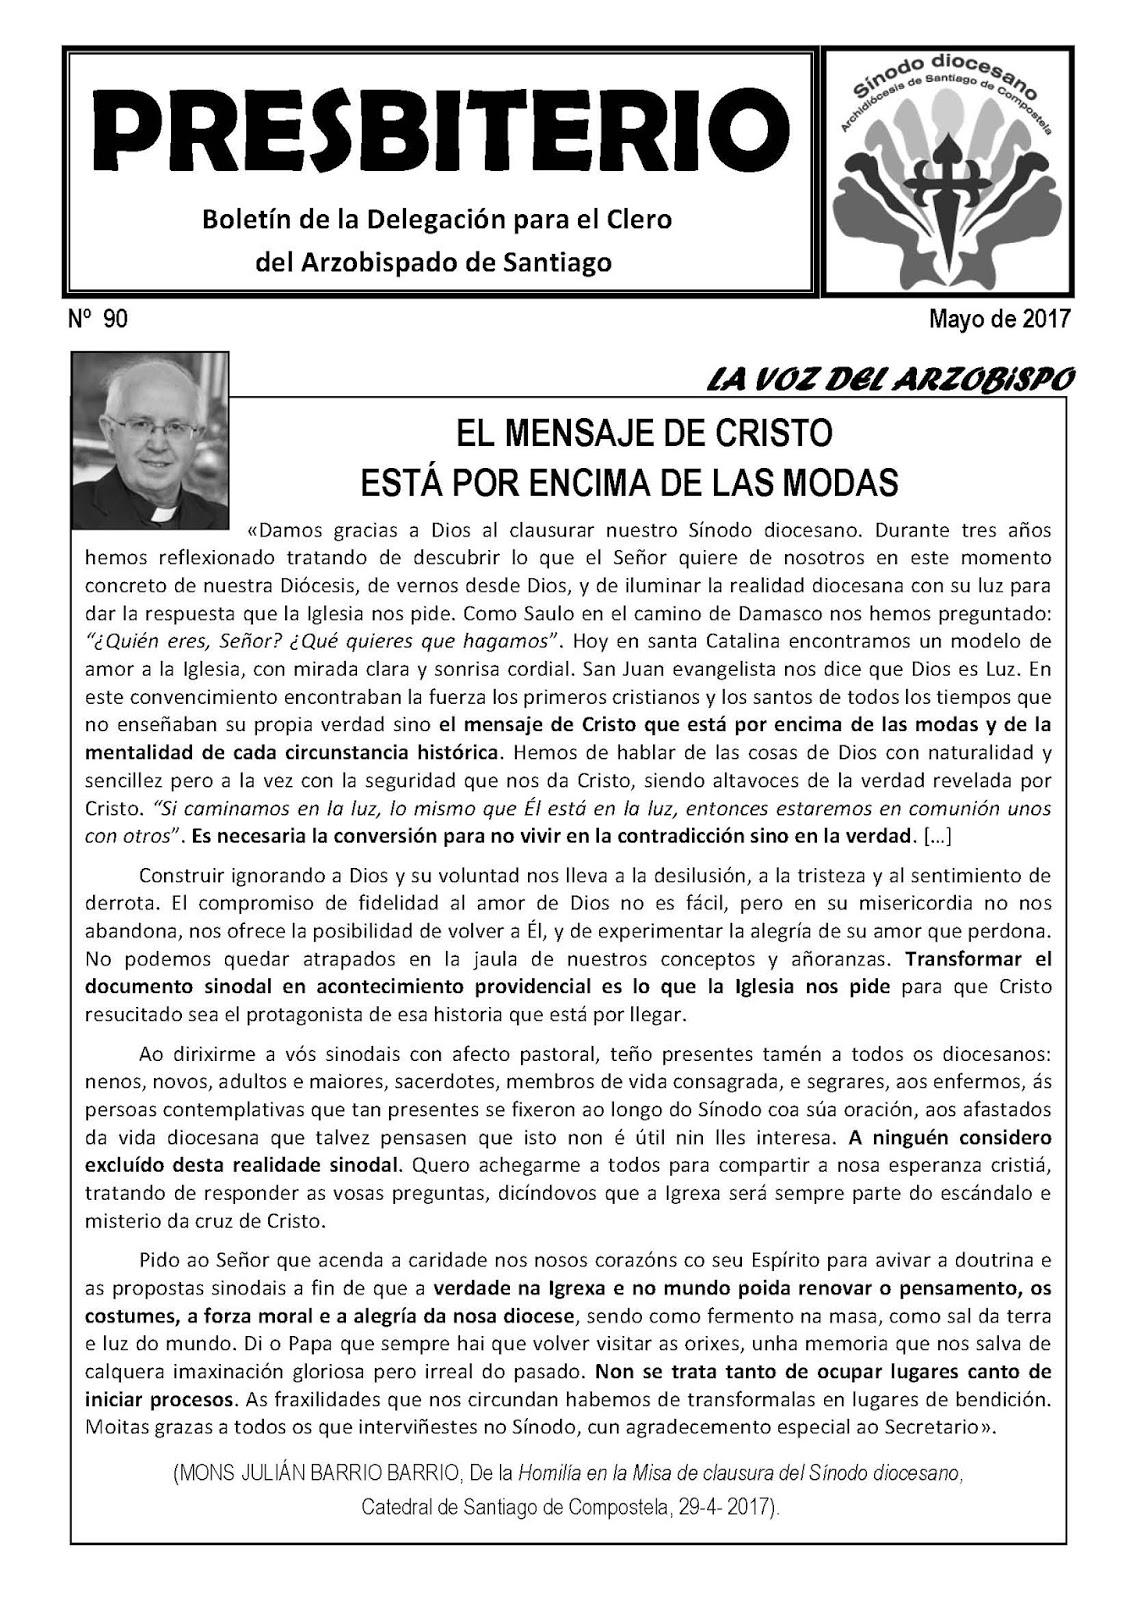 https://www.dropbox.com/s/qxa6szpi3ge0oth/Presbiterio_90.pdf?dl=0